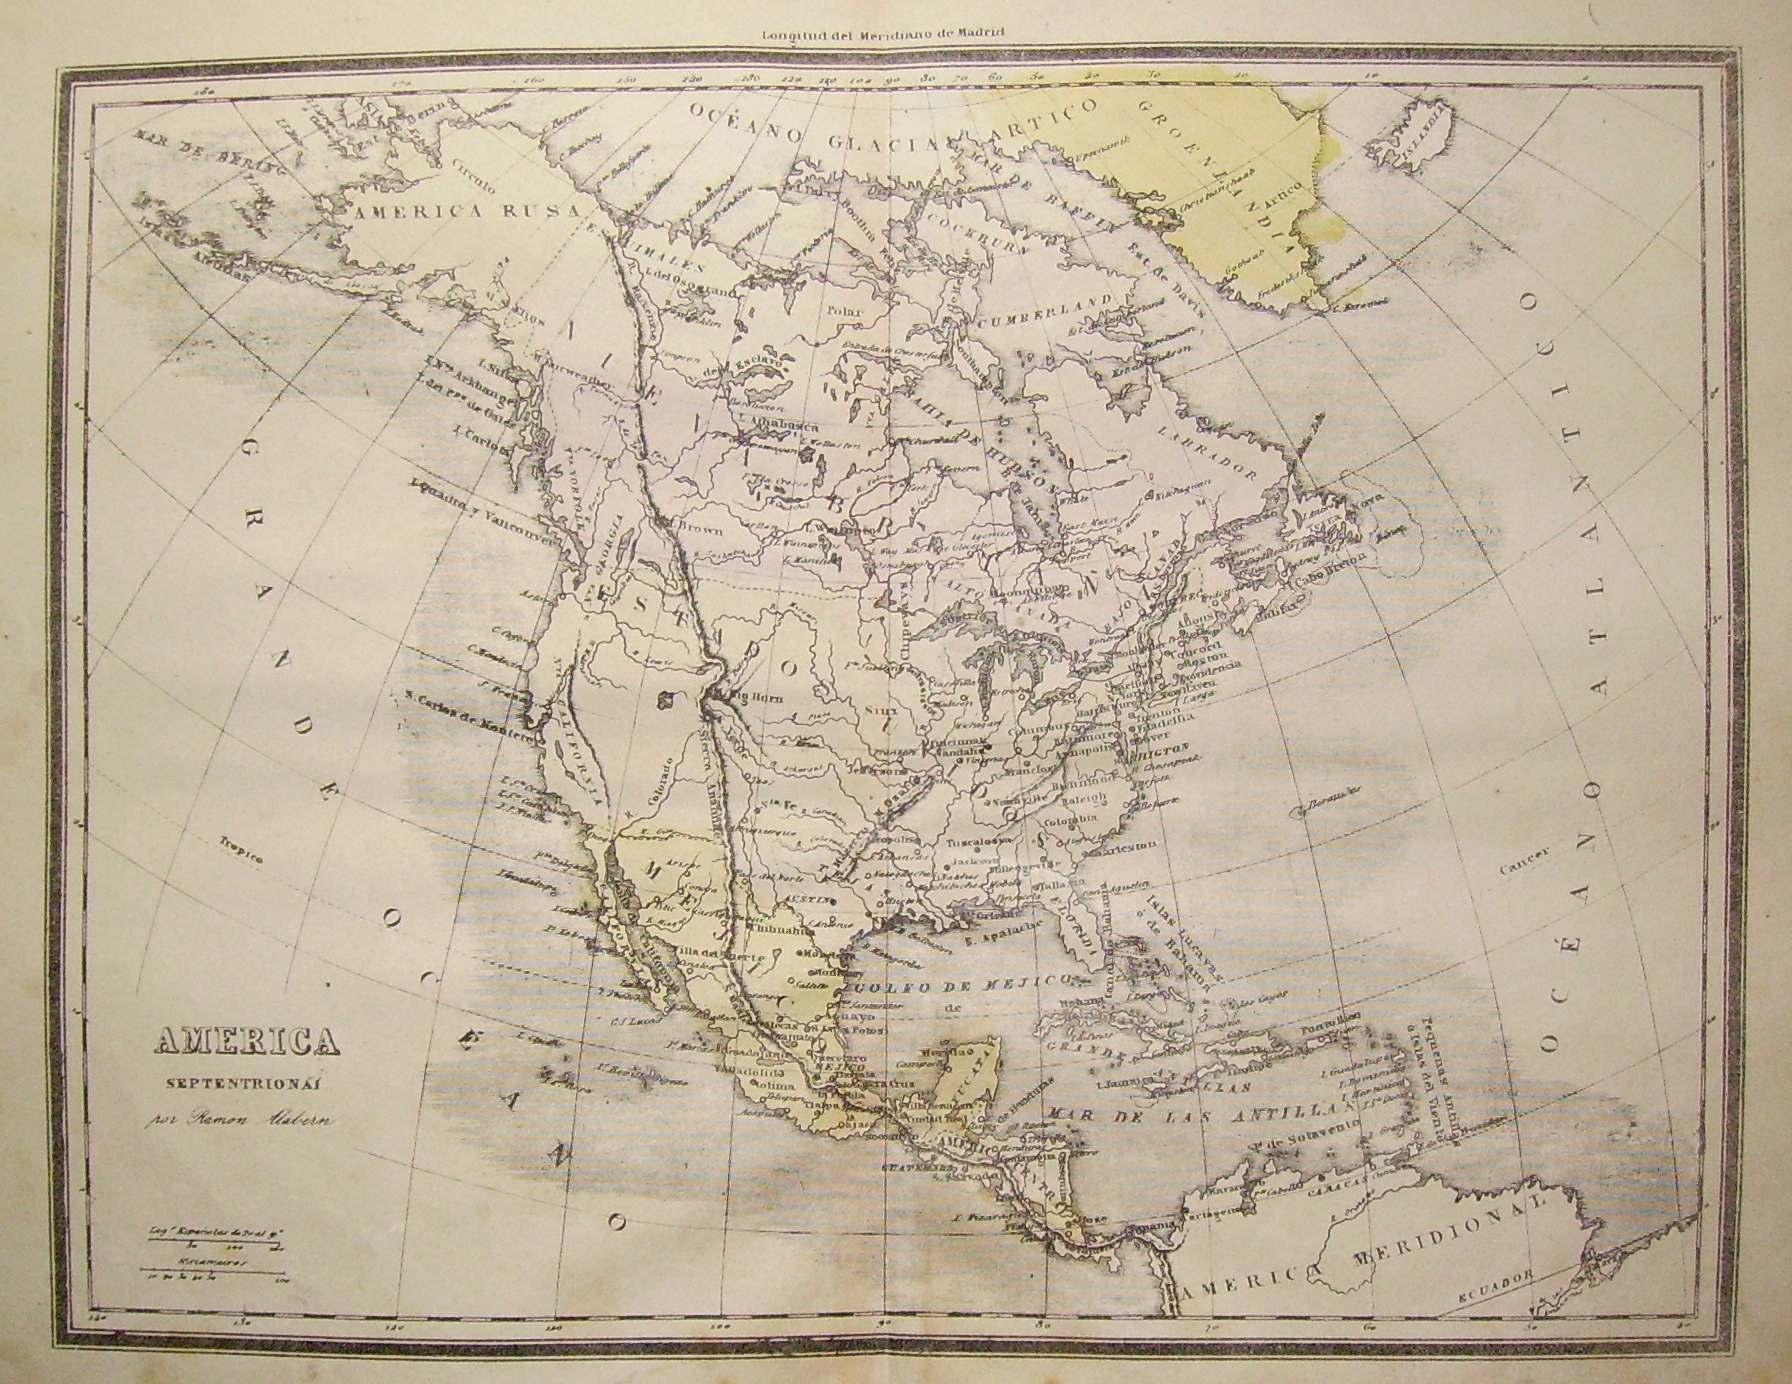 América septentrional-Litografía